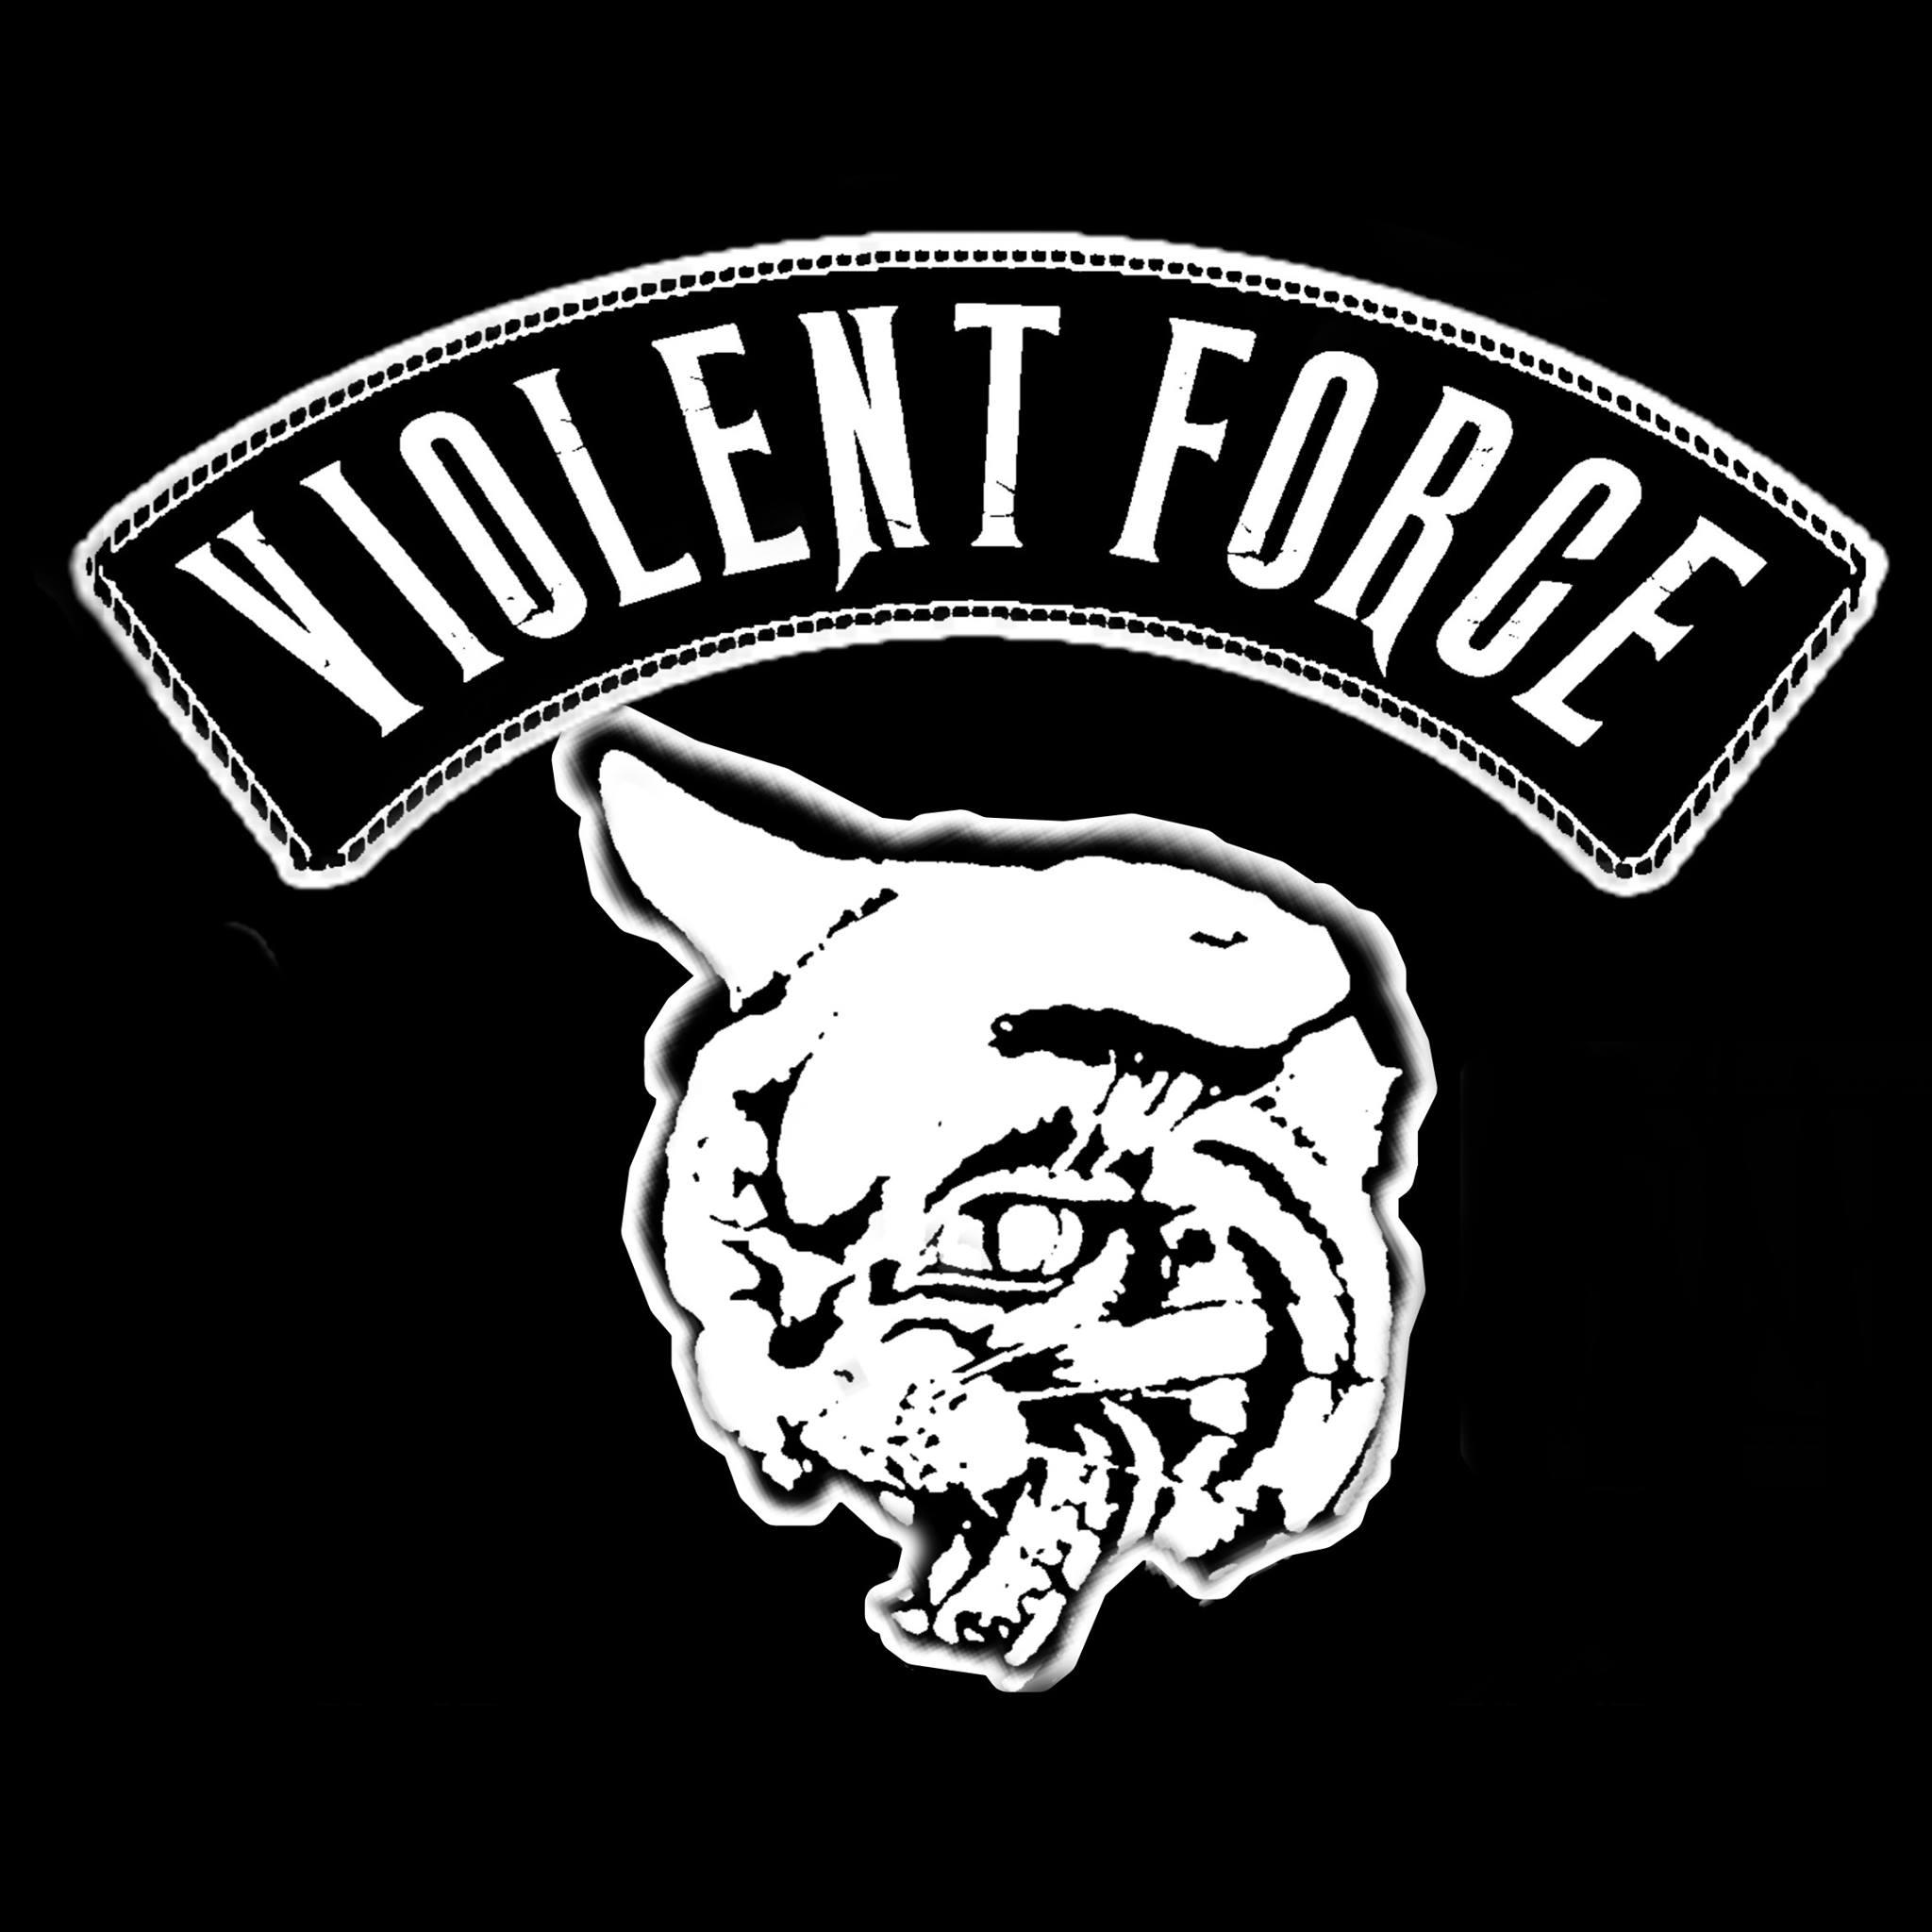 Violent Force